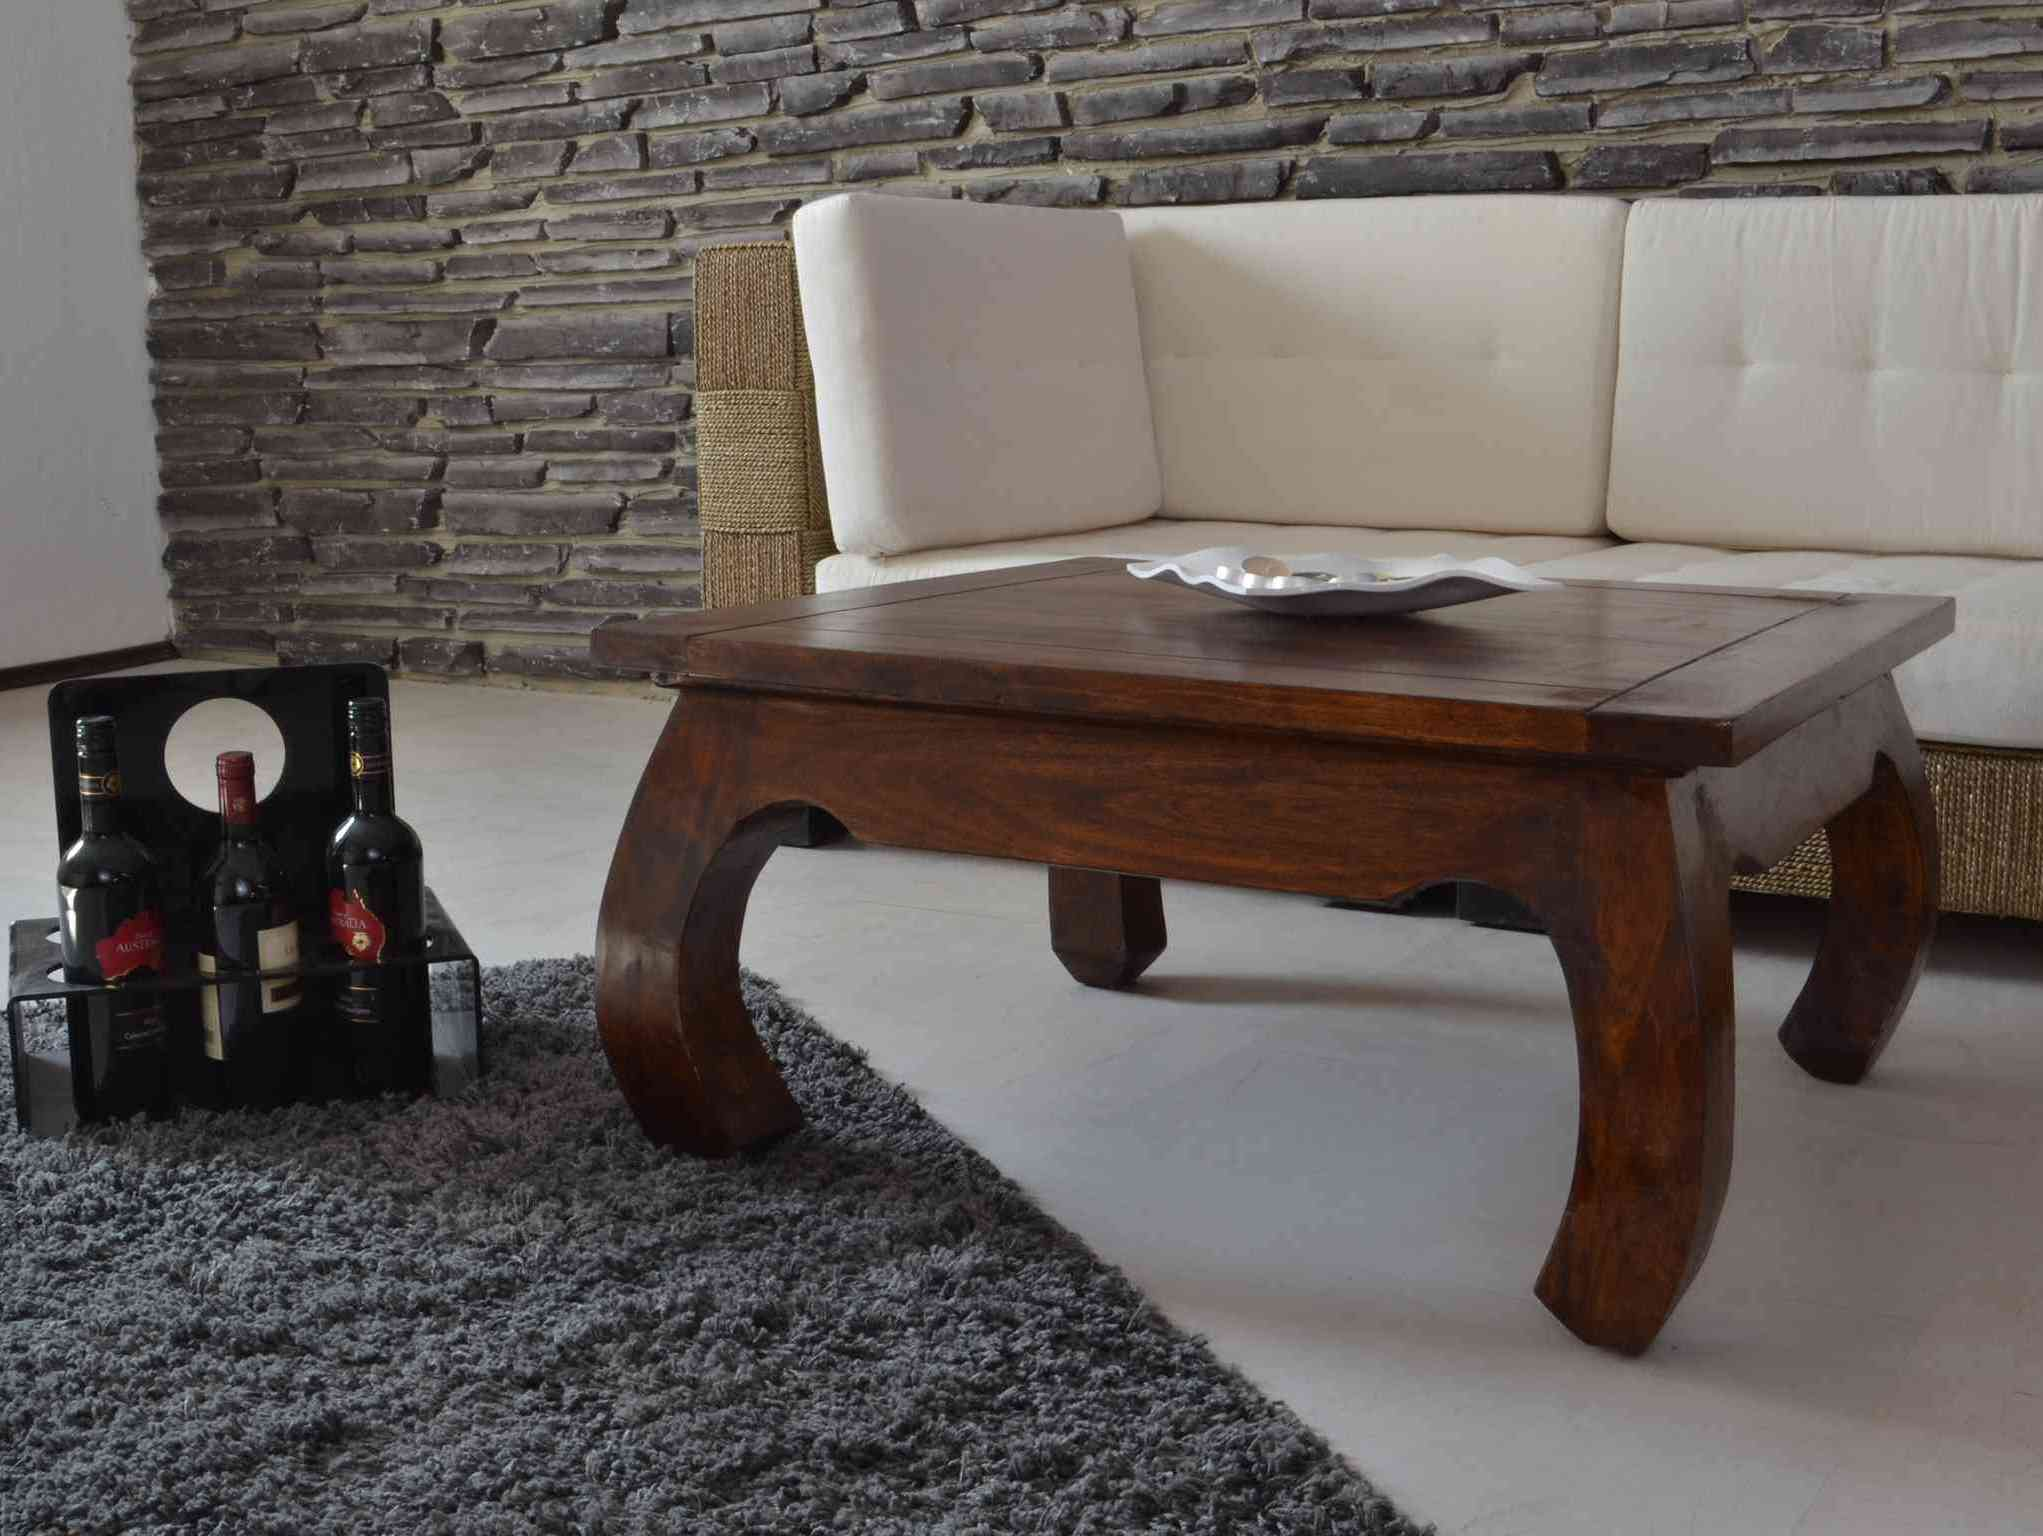 opium couchtisch massivholz m bel akazie walnuss 20538 ebay. Black Bedroom Furniture Sets. Home Design Ideas